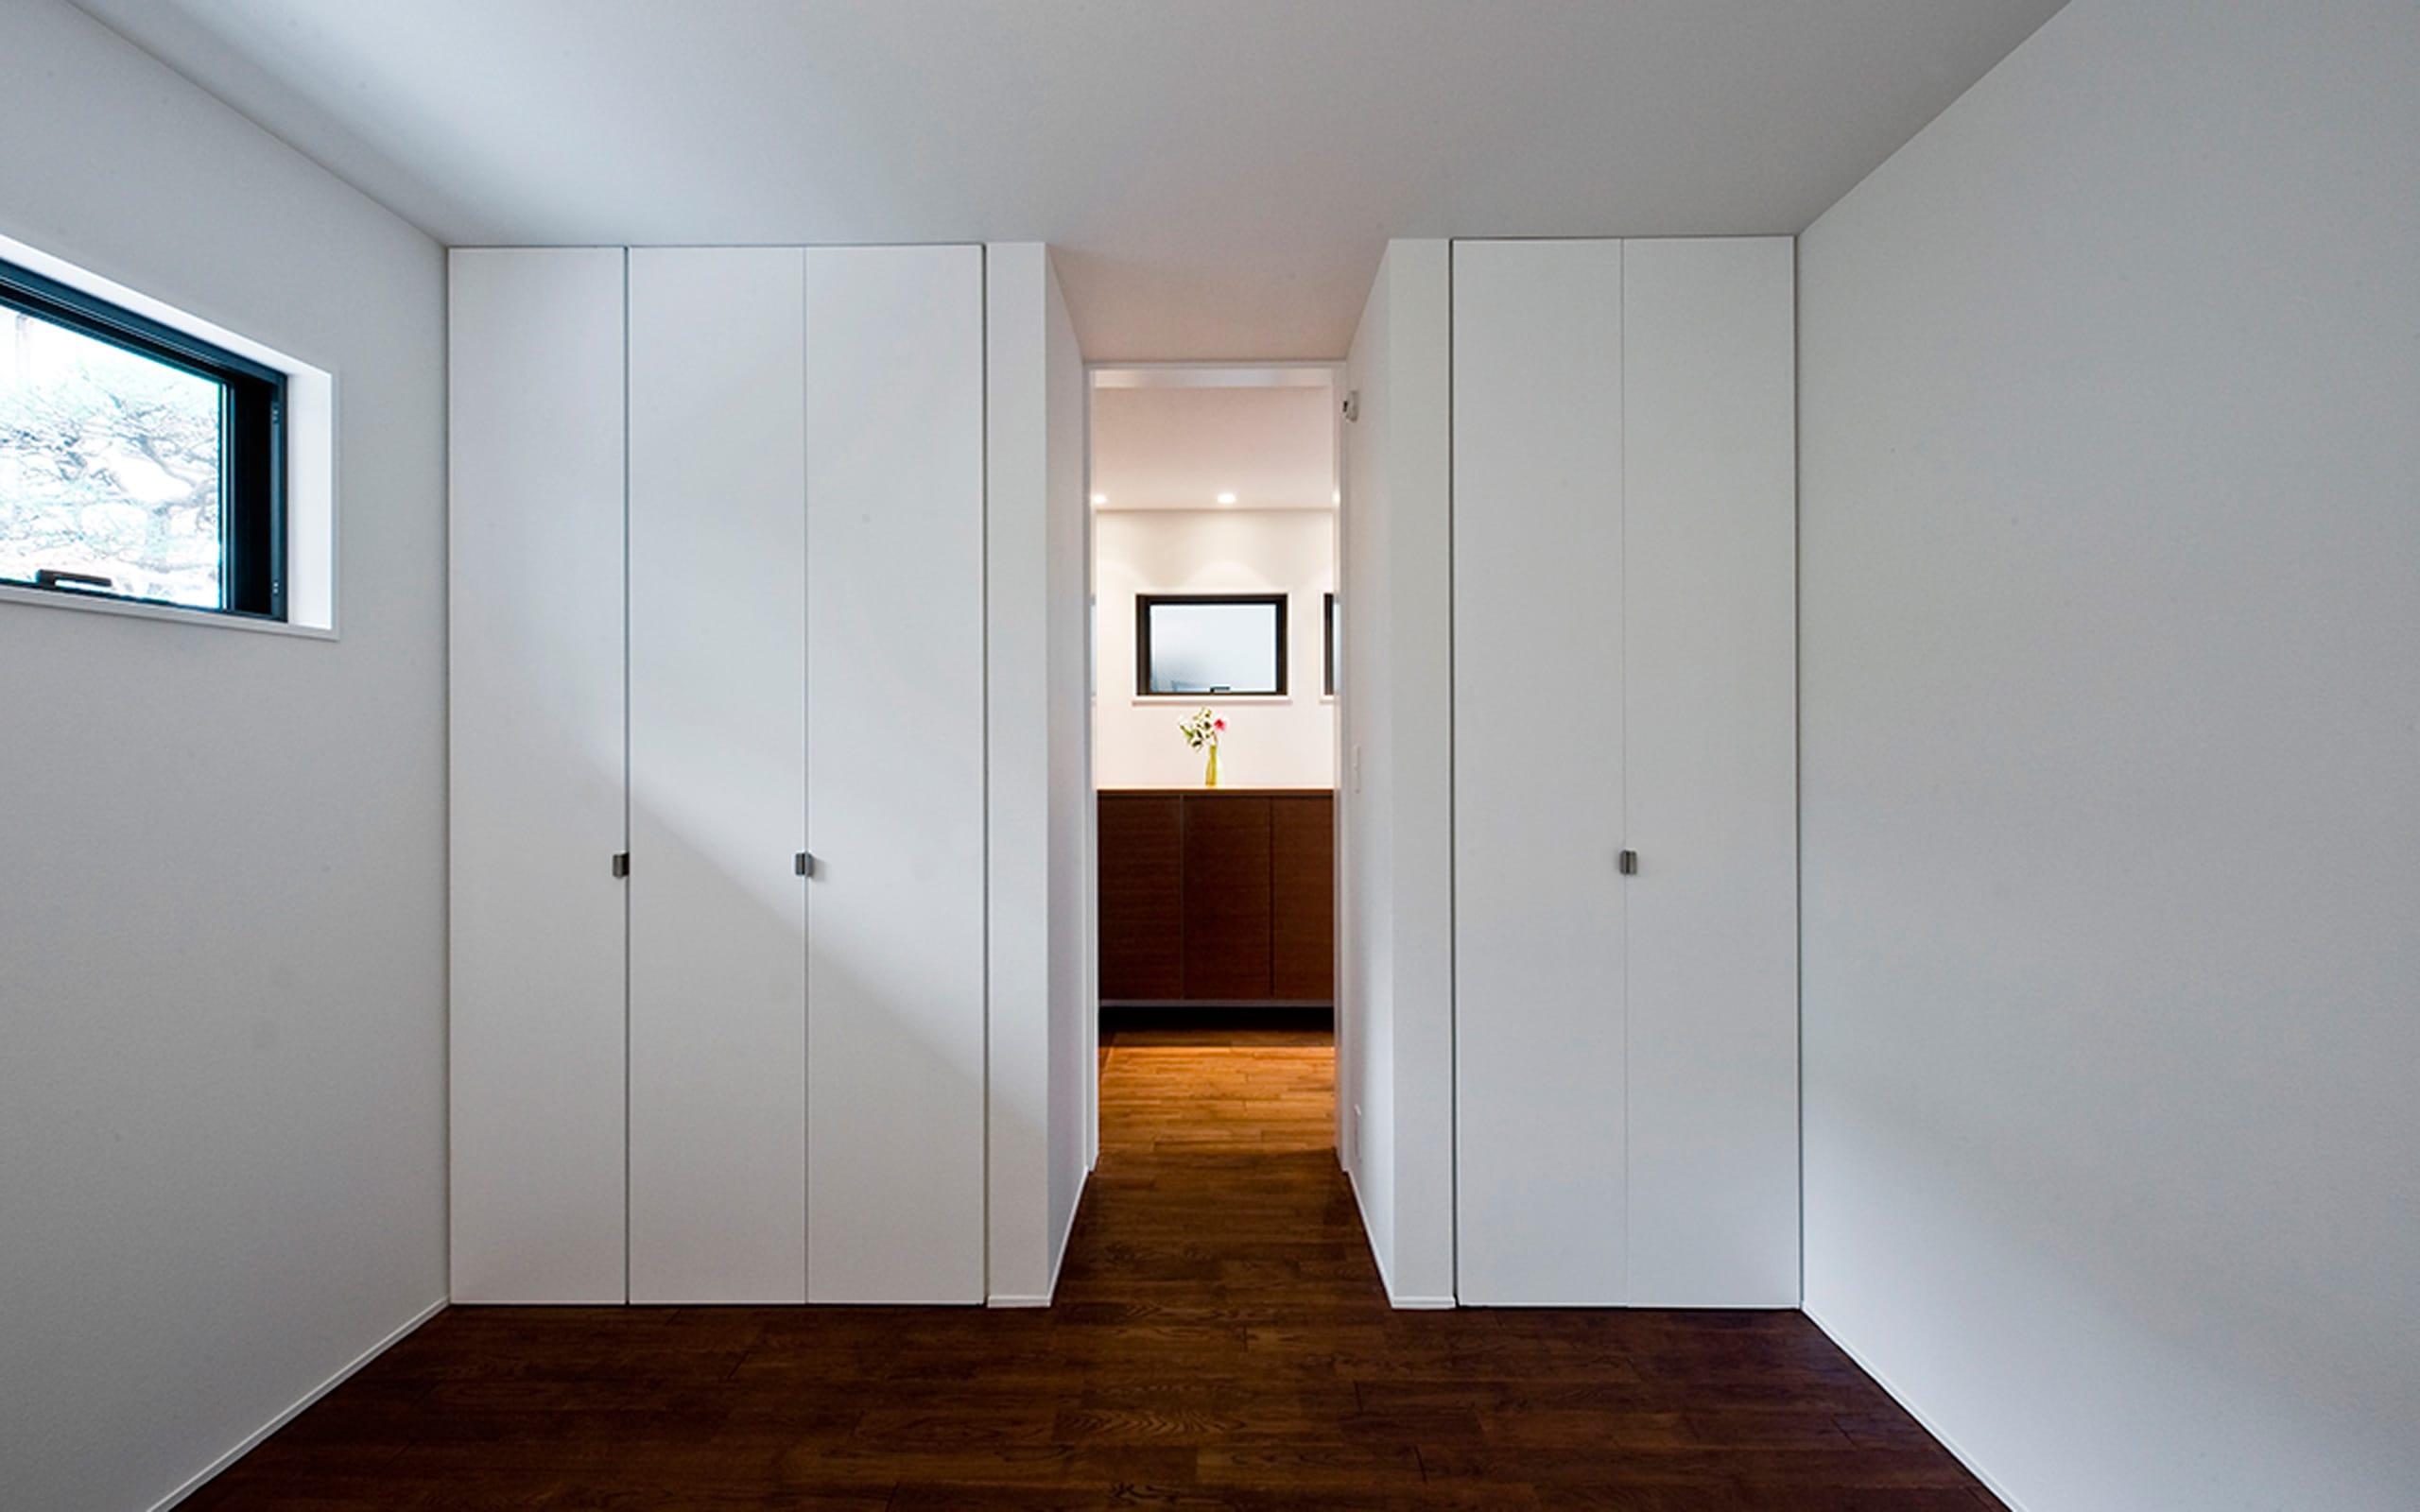 コンパクト須磨ッシュ住宅の部屋3